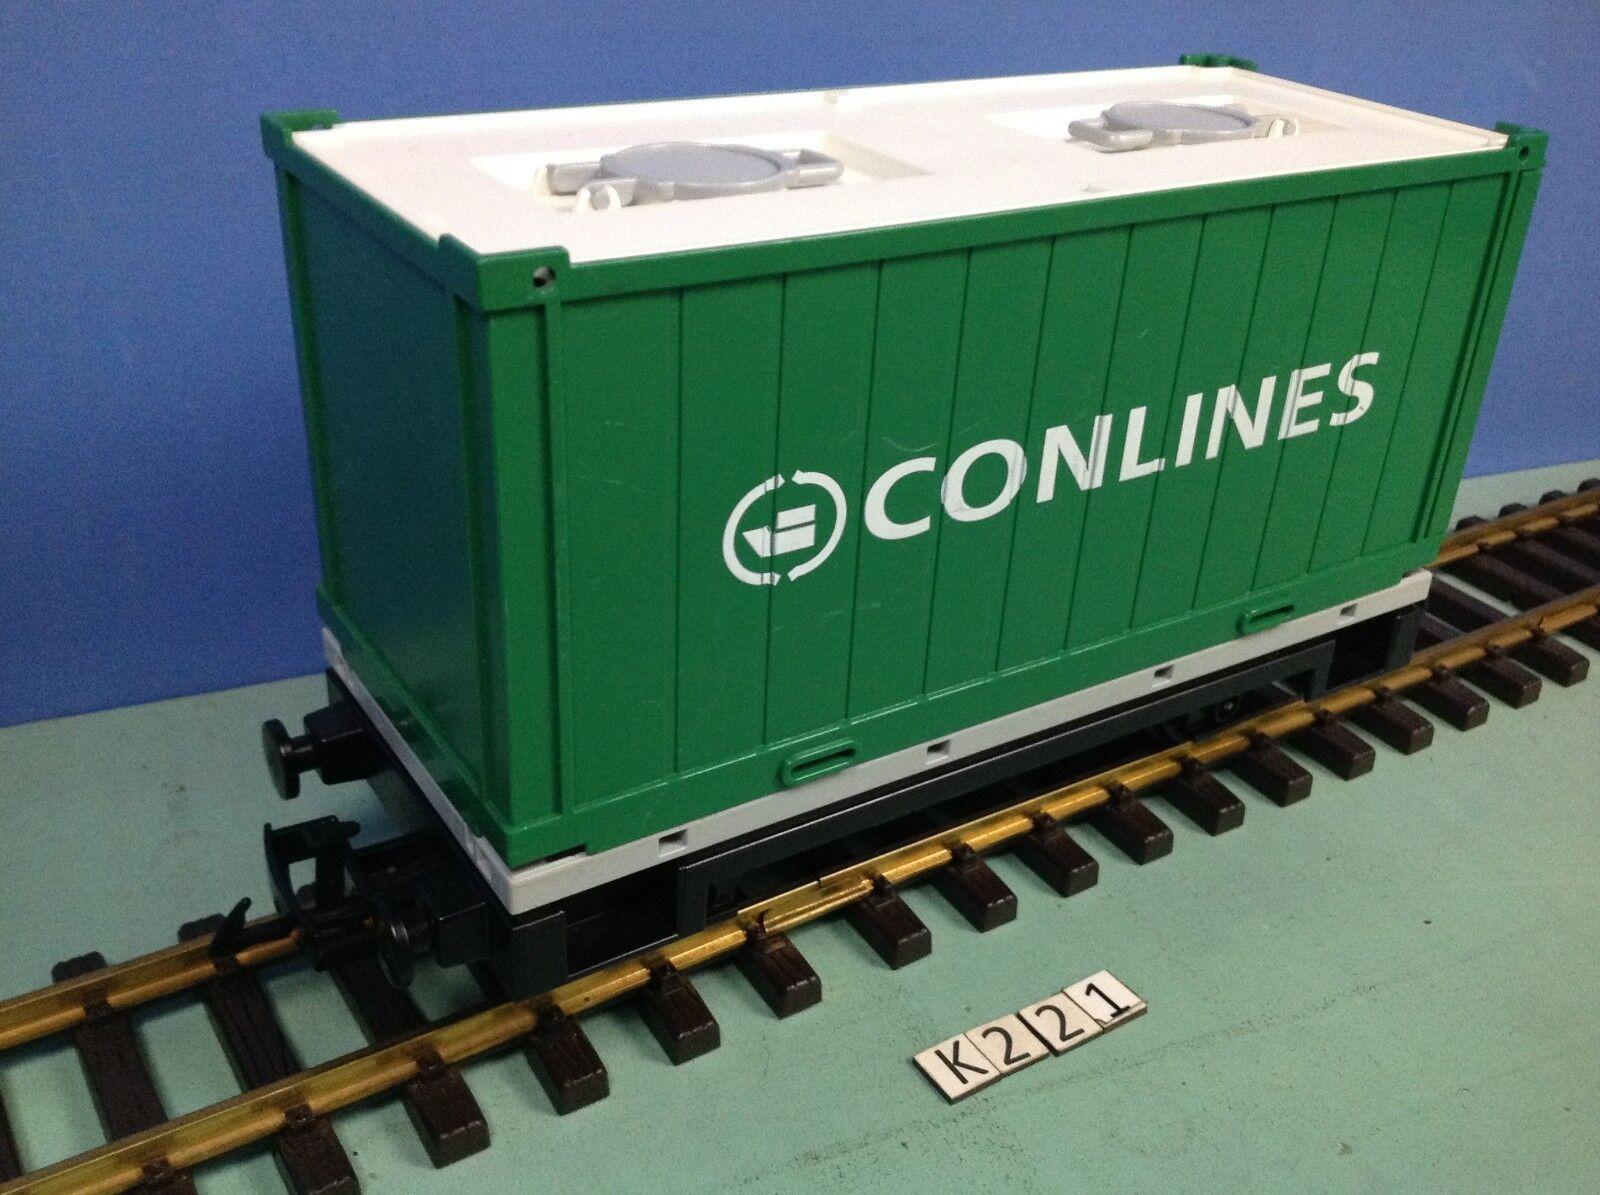 (K221) playmobil Wagon porte contener  train RC Conlines ref 4085 rare 5258 4010  negozio online